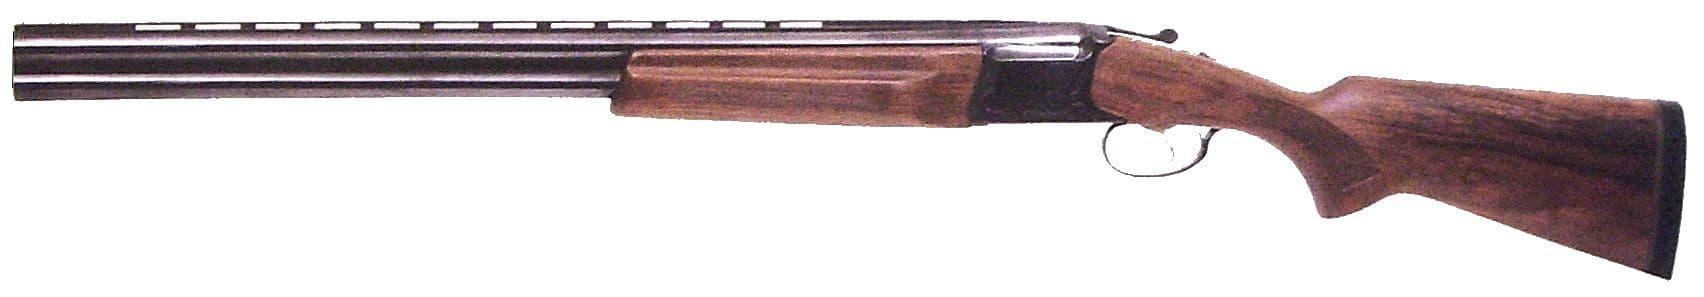 Двуствольное ружье с вертикально расположенными стволами ИЖ-27ЕМ-1С.